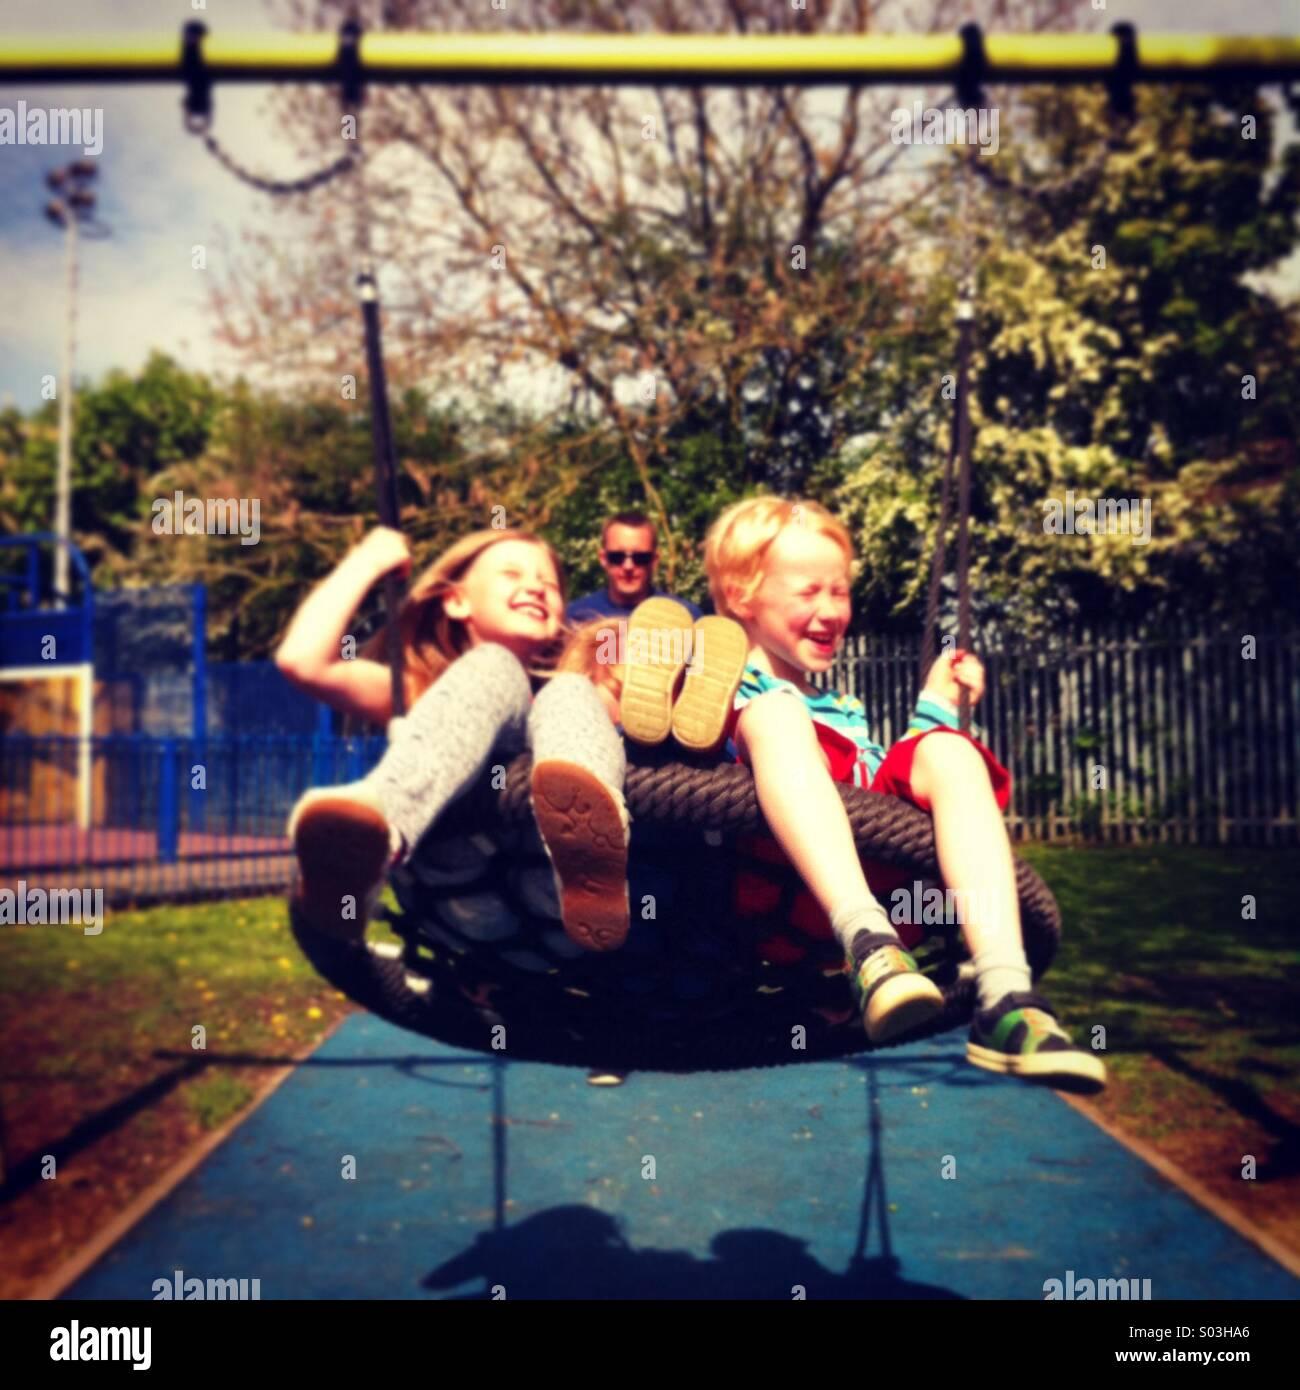 Bambini su uno swing Immagini Stock